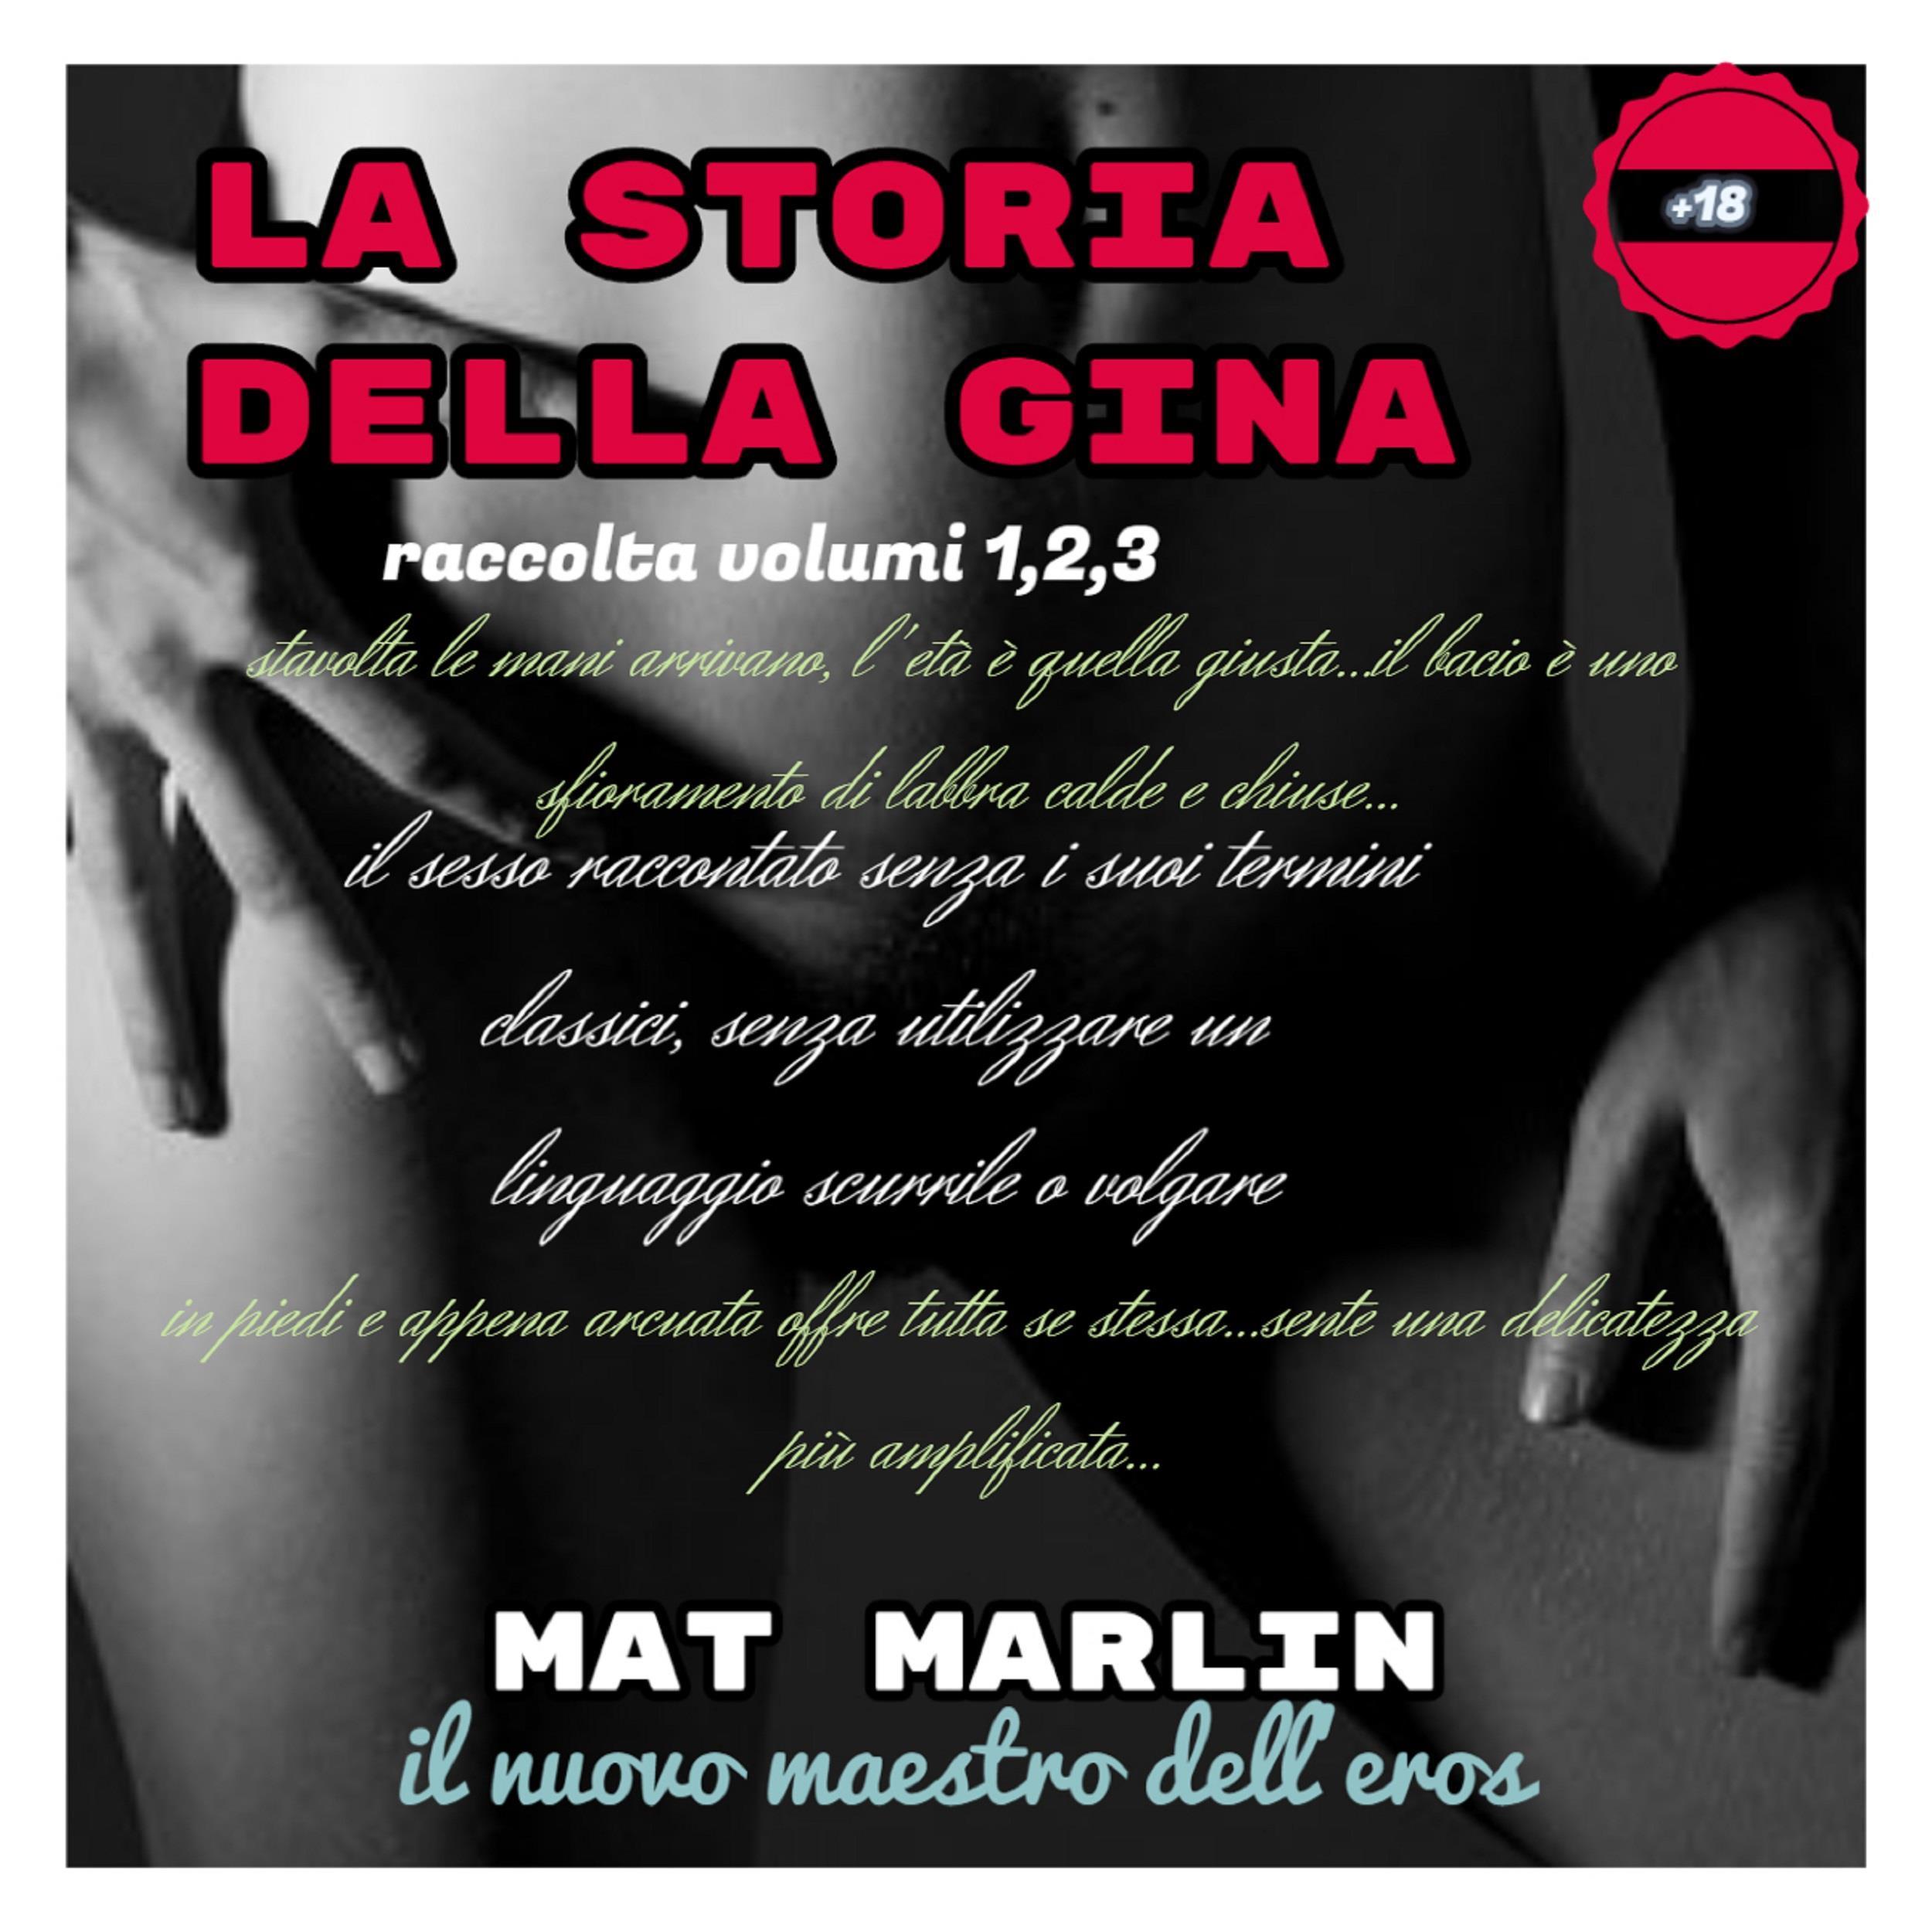 La storia della Gina, raccolta